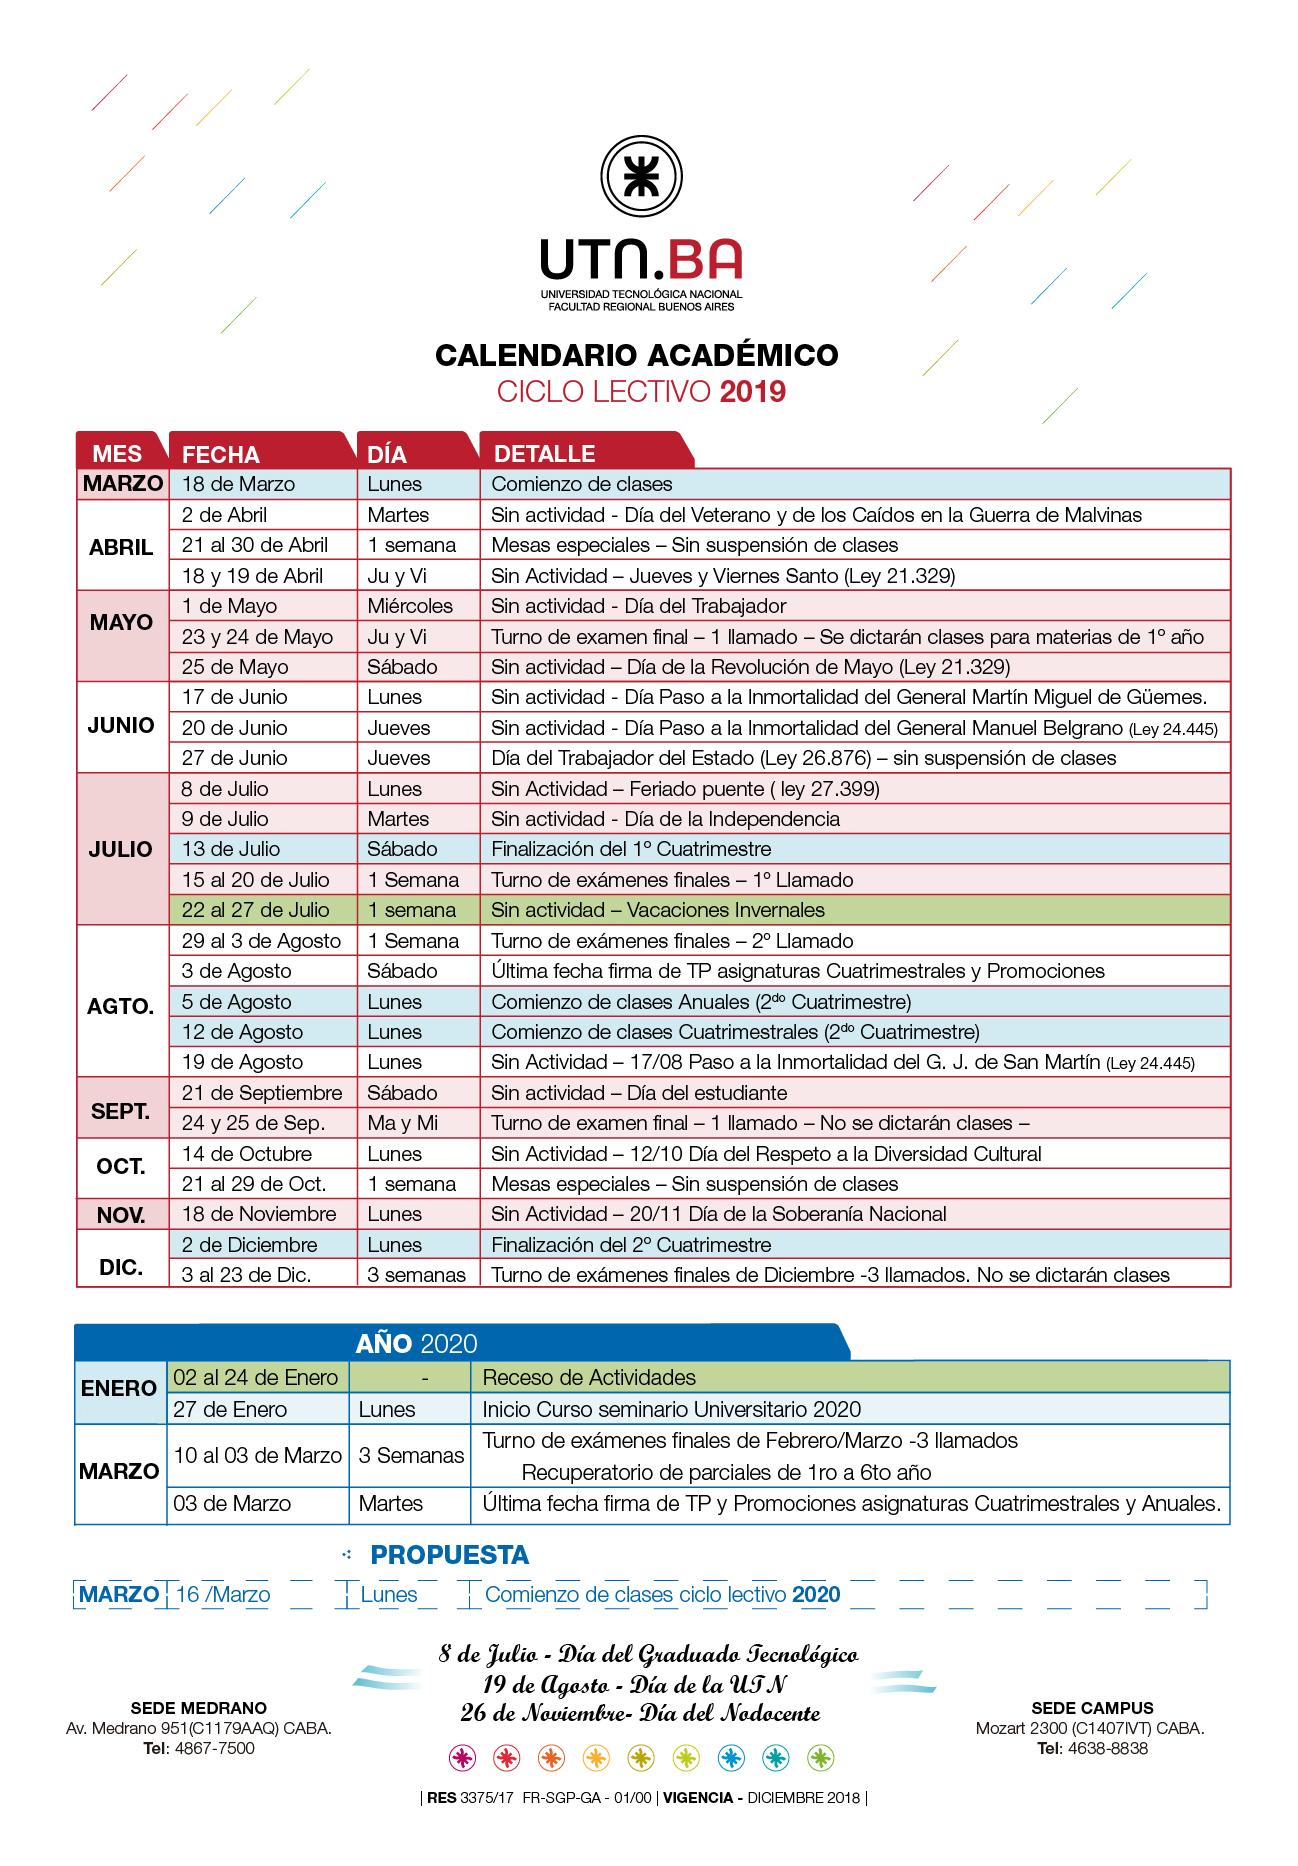 Calendario Universitario.Calendario Academico Utn Ba